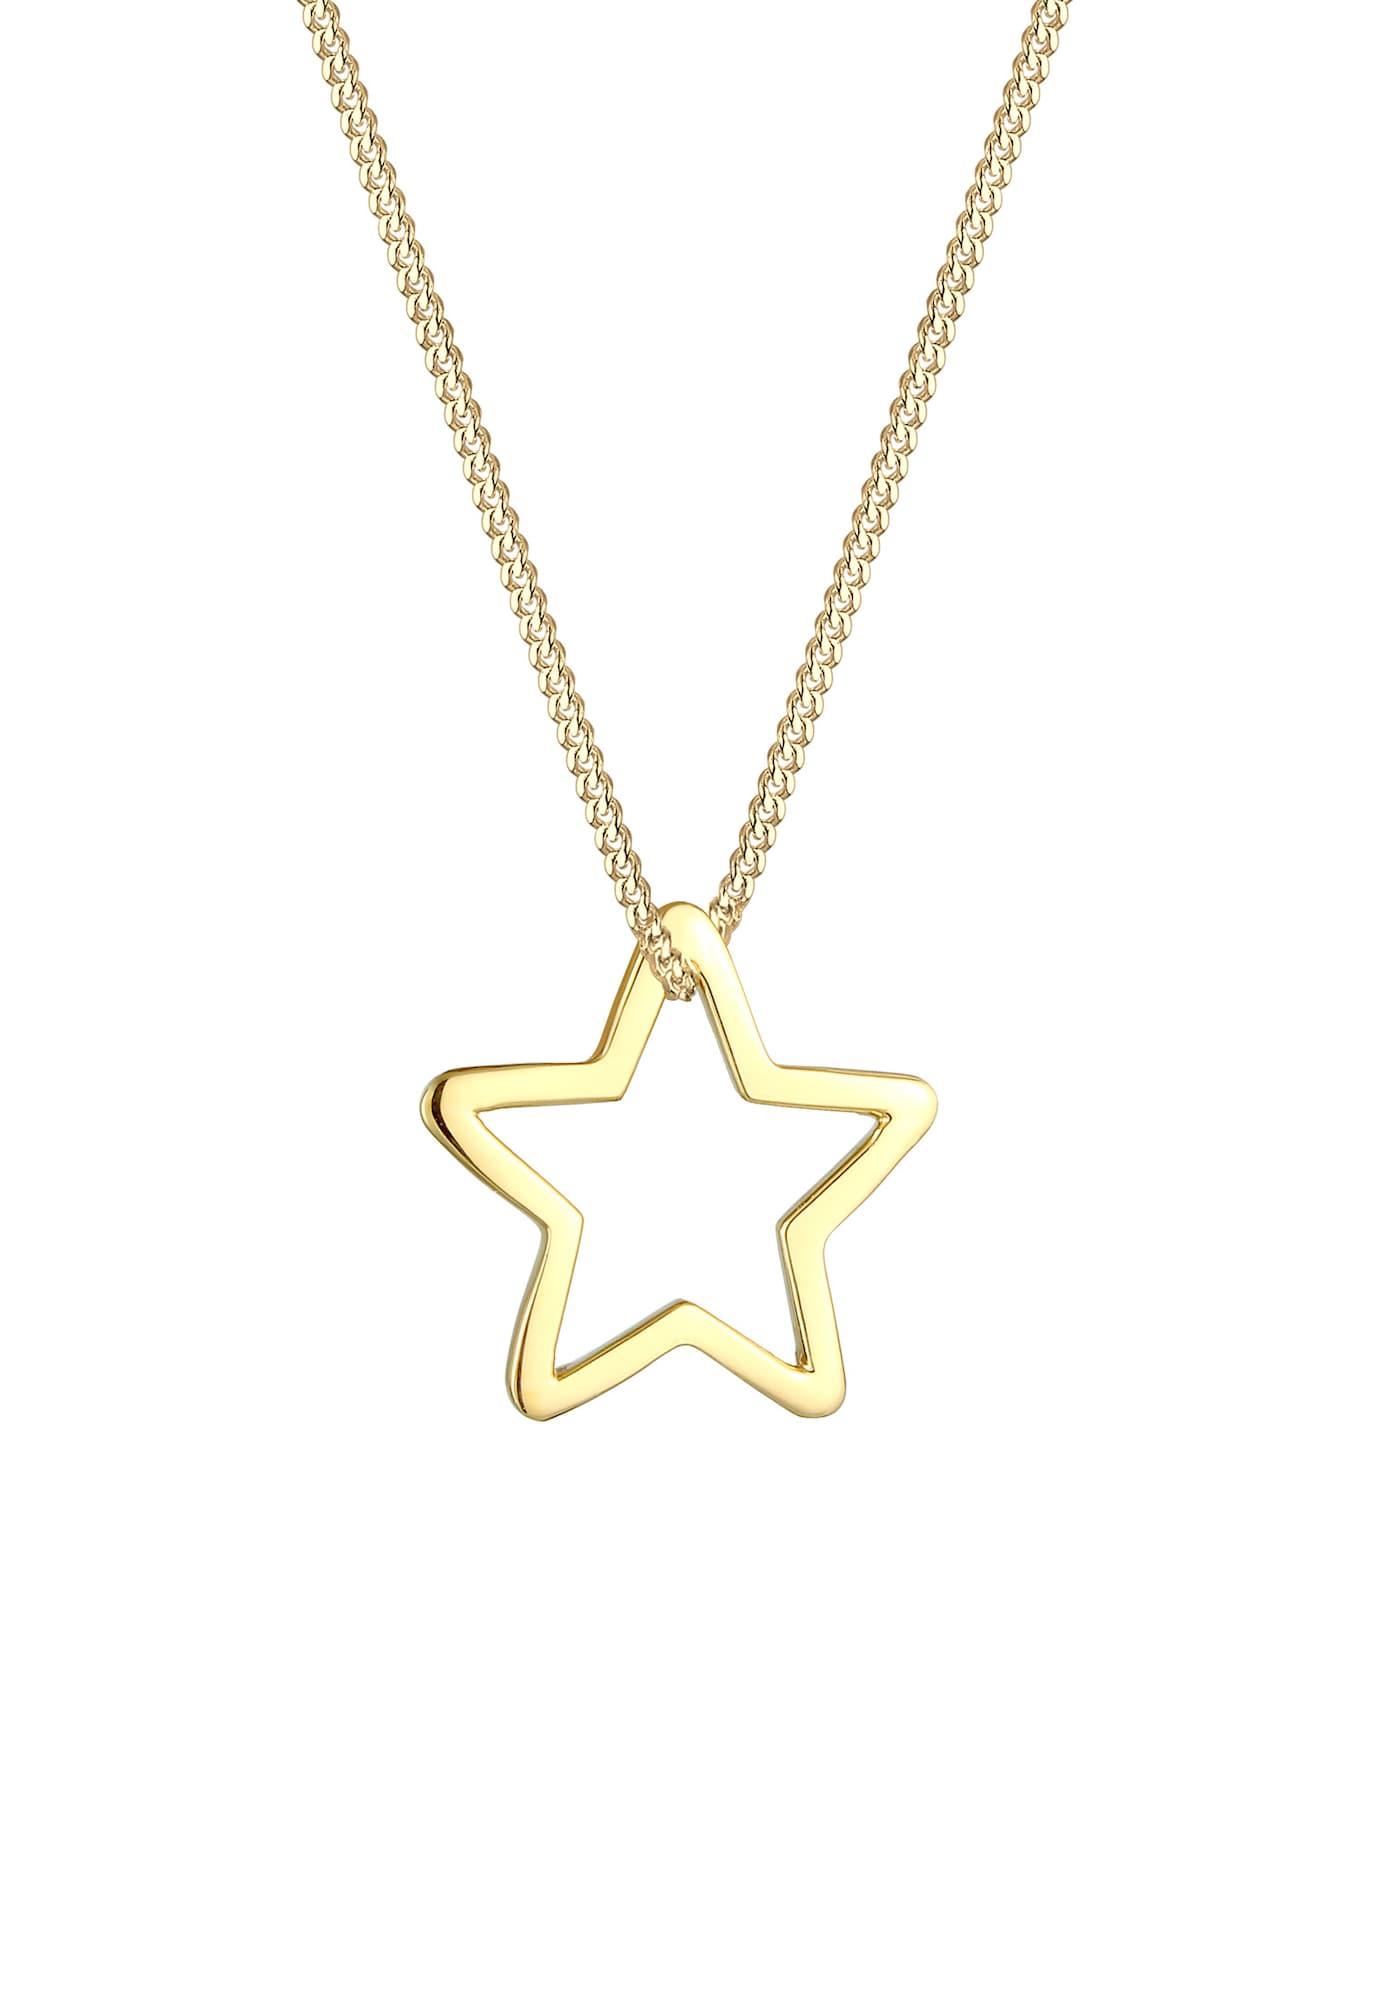 Halskette Astro, Sterne, Weihnachten | Schmuck > Halsketten > Lange Ketten | ELLI